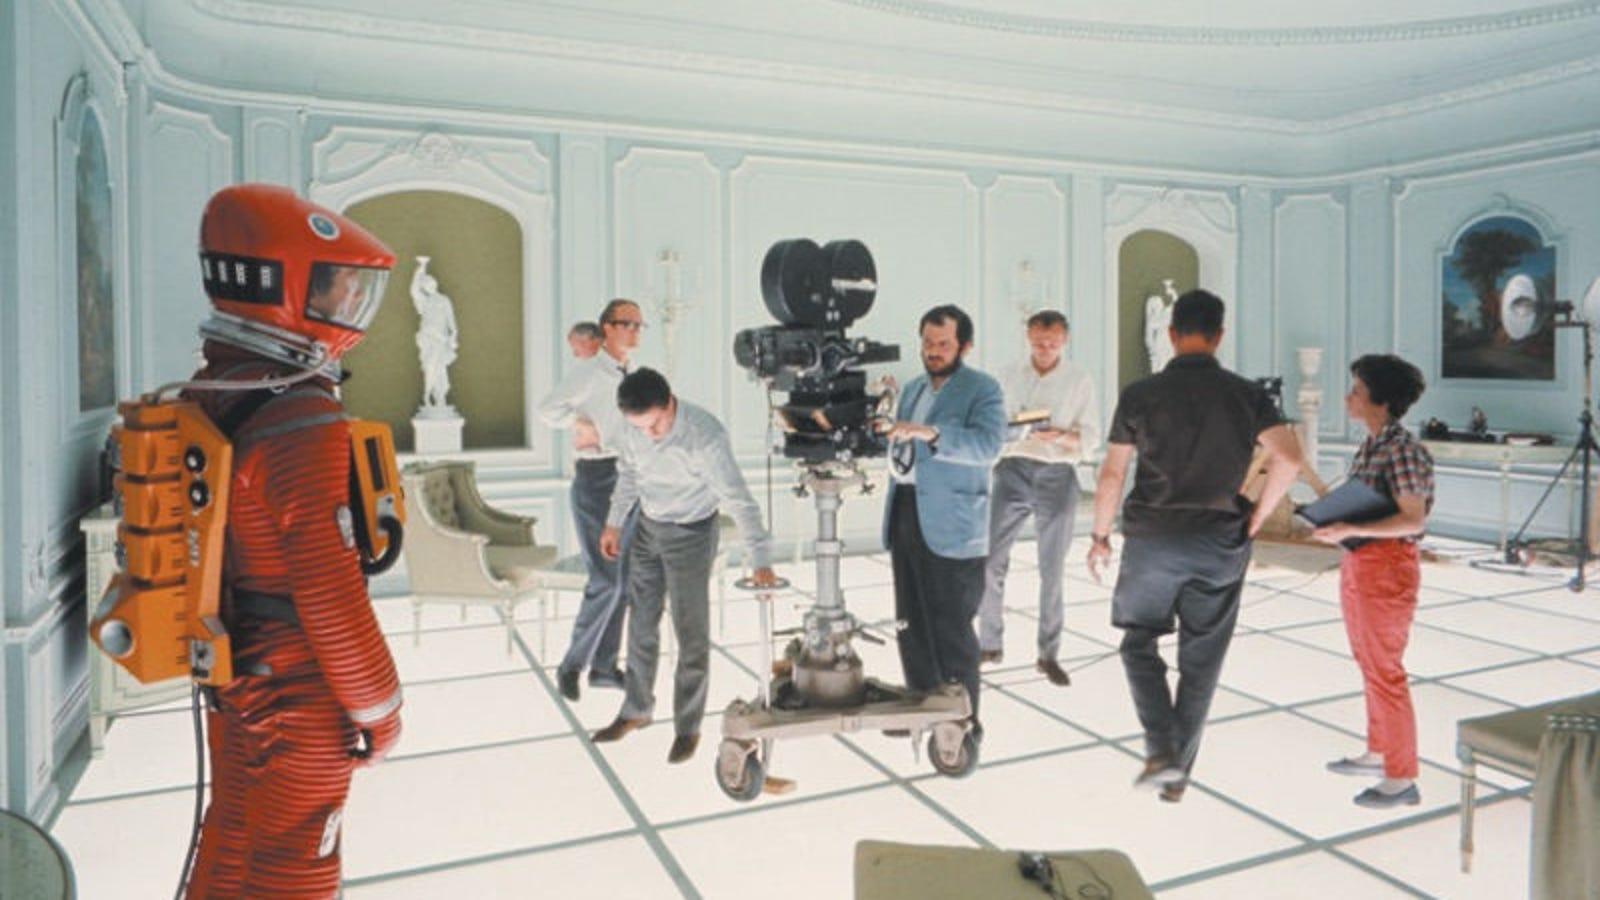 La genialidad oculta de 2001: cómo Kubrick impulsó el product placement en su obra maestra